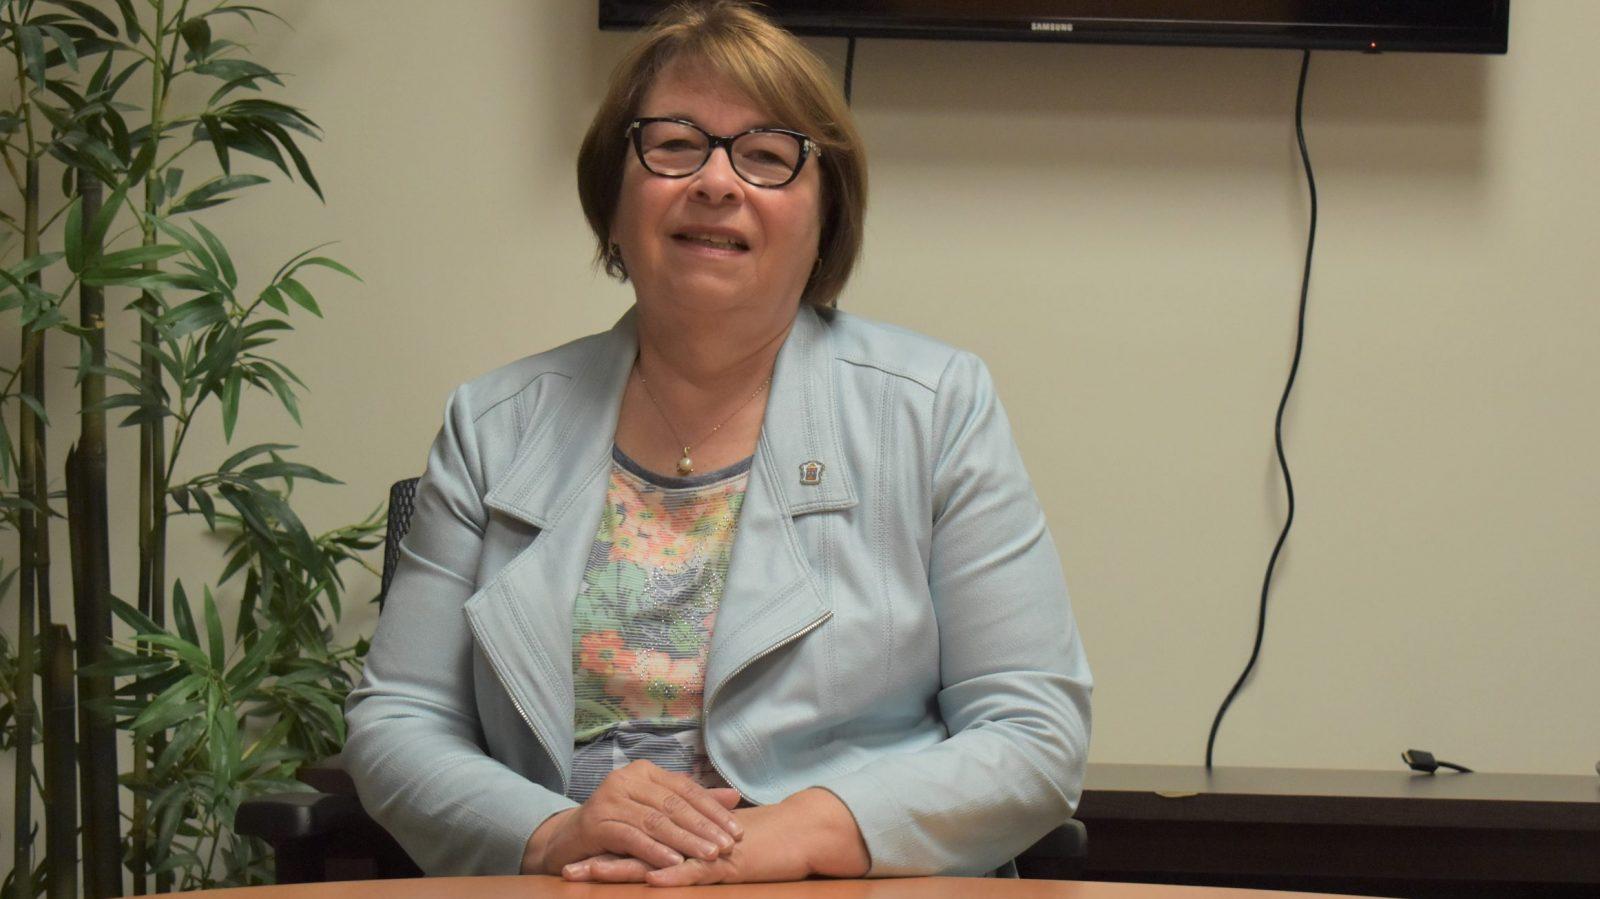 Difficile d'être la seule femme au sein d'un conseil municipal